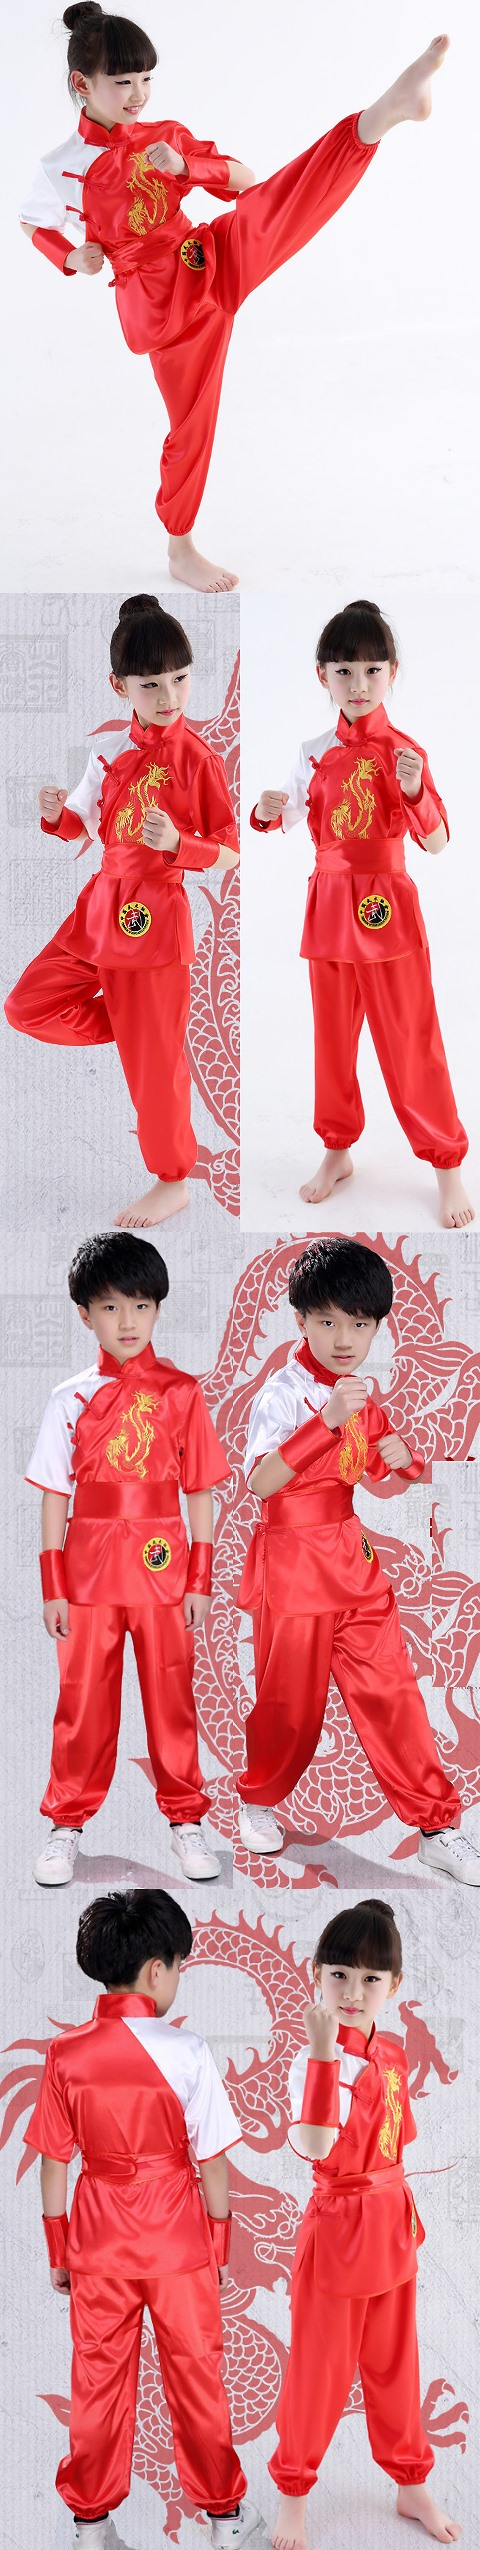 Kid's Dragon Embroidery Kung Fu Uniform with Sash (RM)